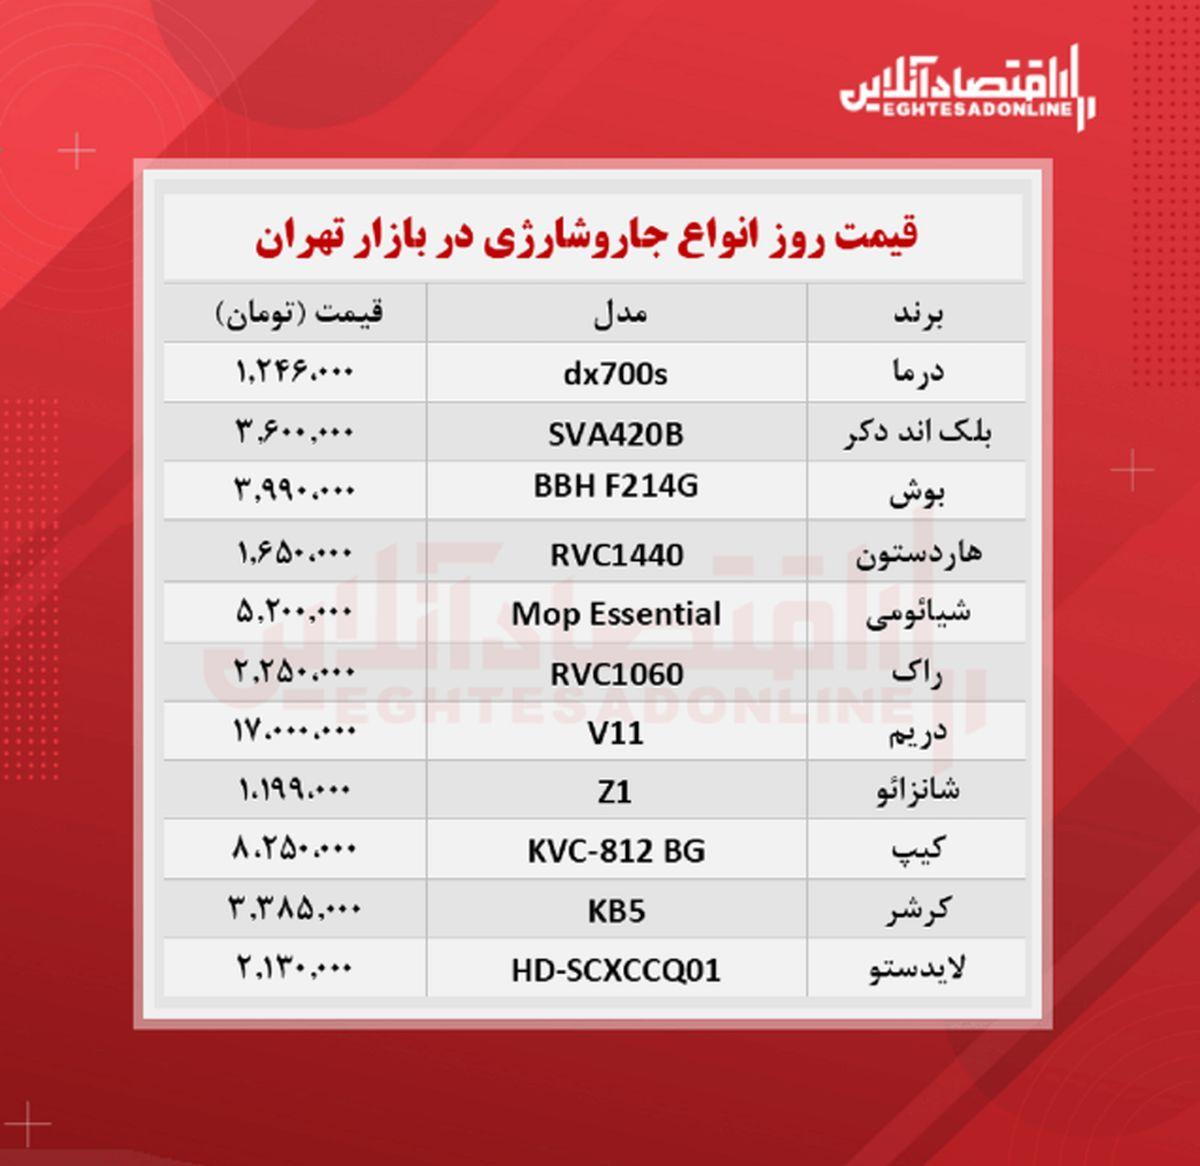 قیمت جدید انواع جارو شارژی (۲۲ مهر ماه)